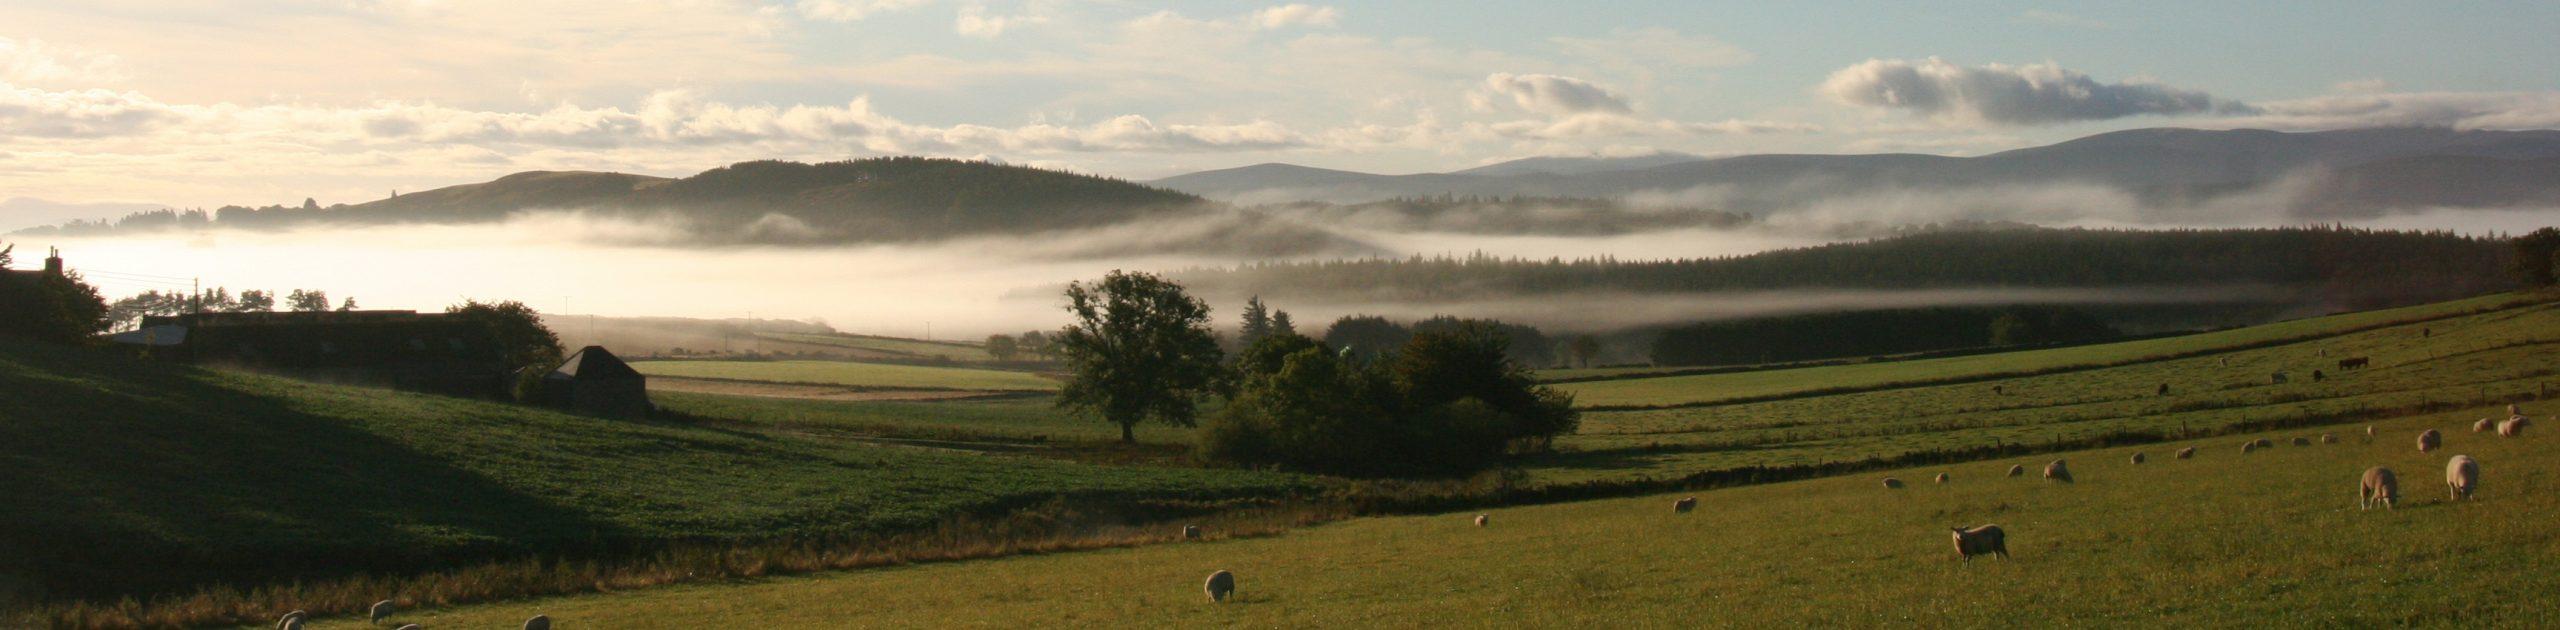 banner mist sheep